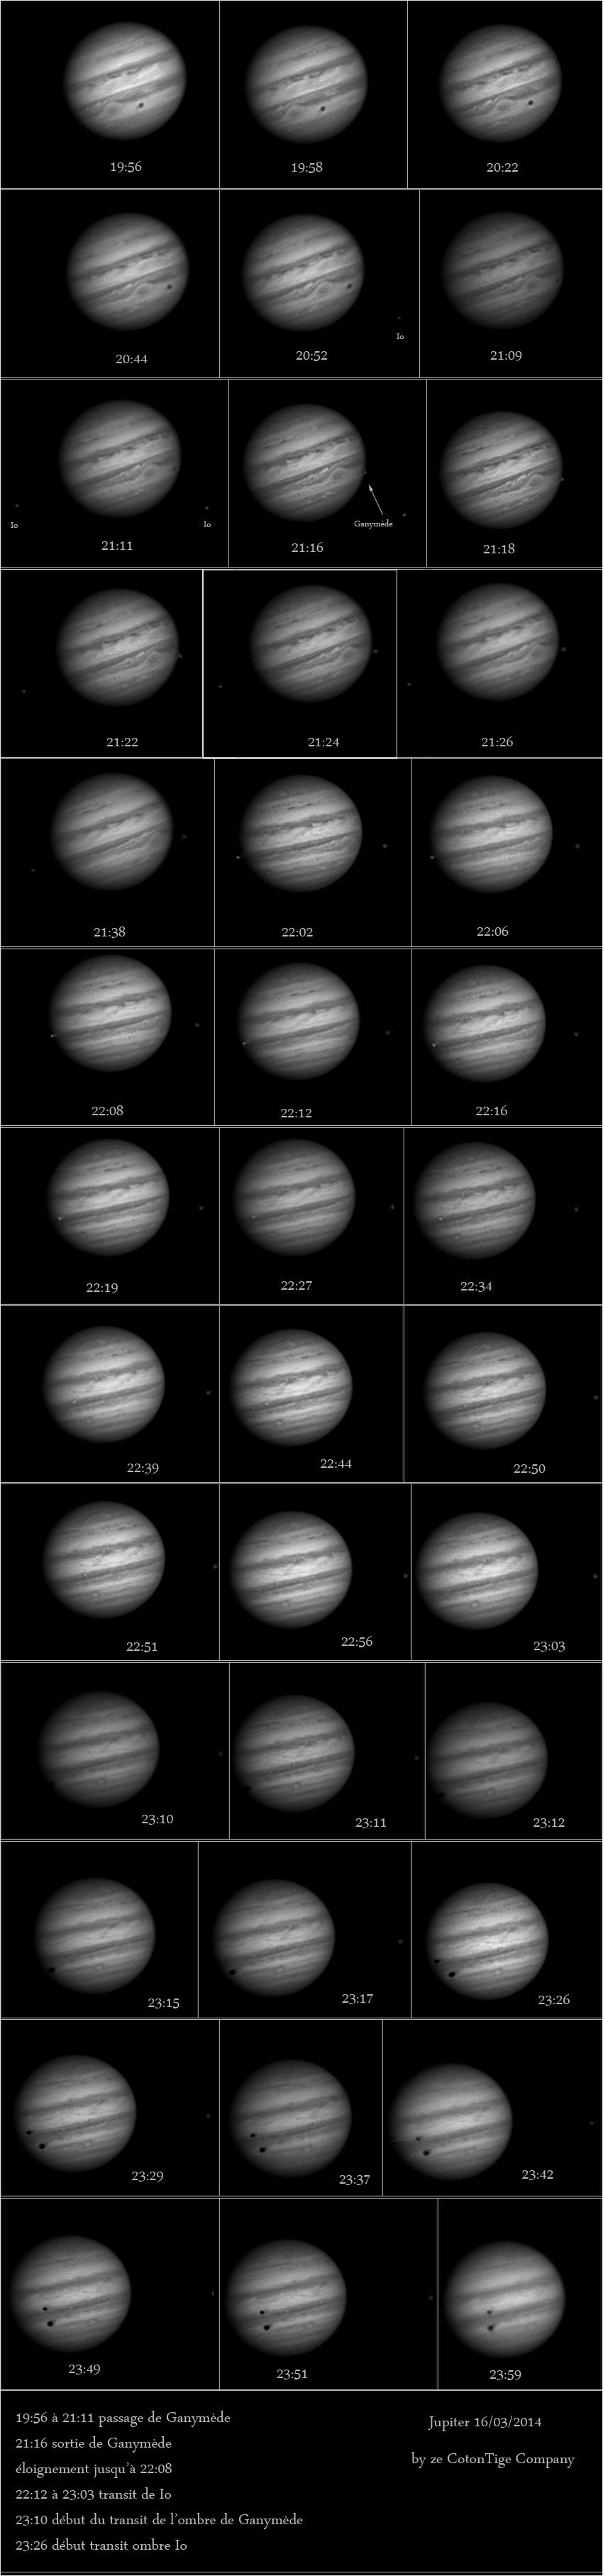 Le planétaire - Page 33 Planche16_3_2014